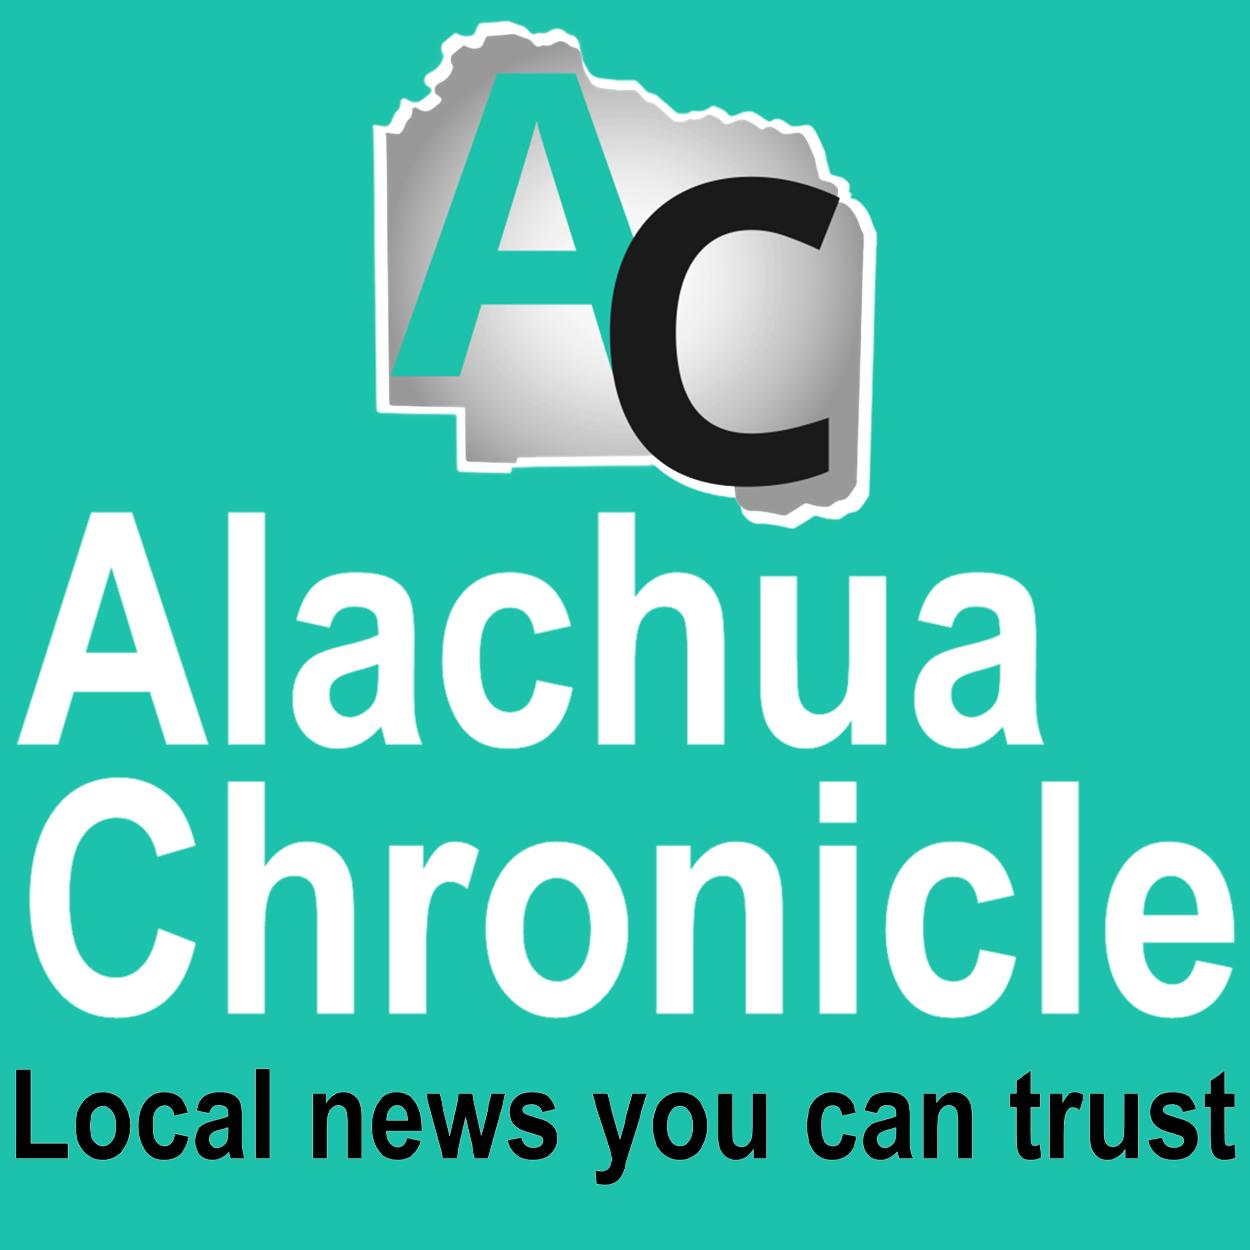 Alachua Chronicle